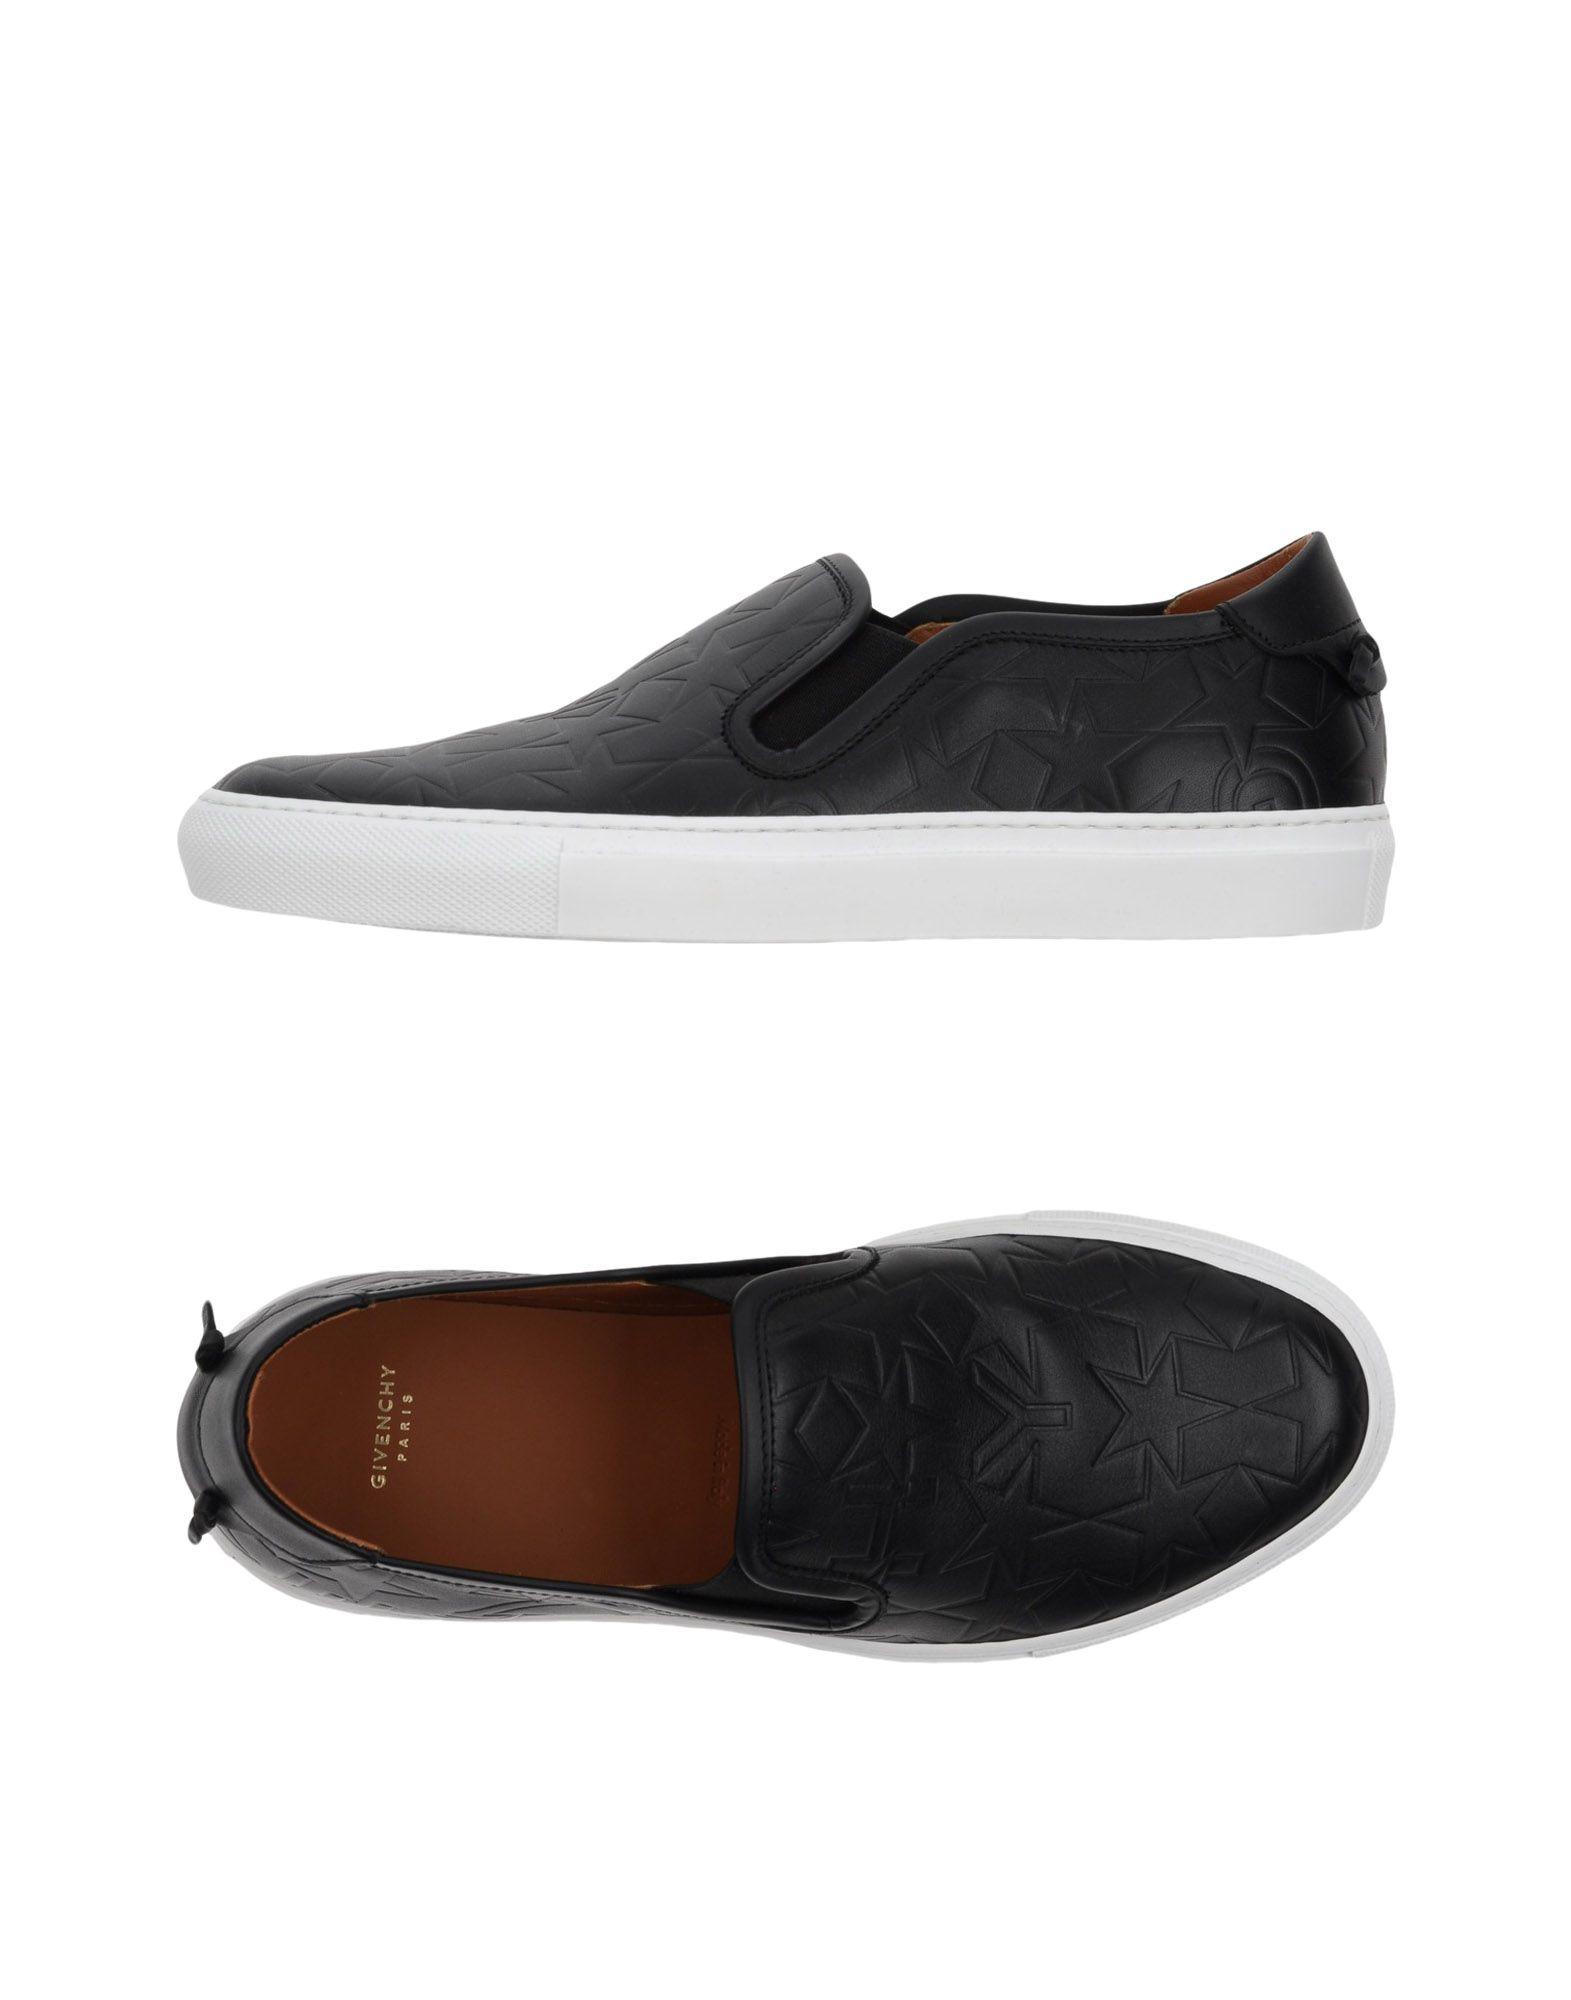 Givenchy Sneakers Damen gut  11362915GIGünstige gut Damen aussehende Schuhe 9c571d